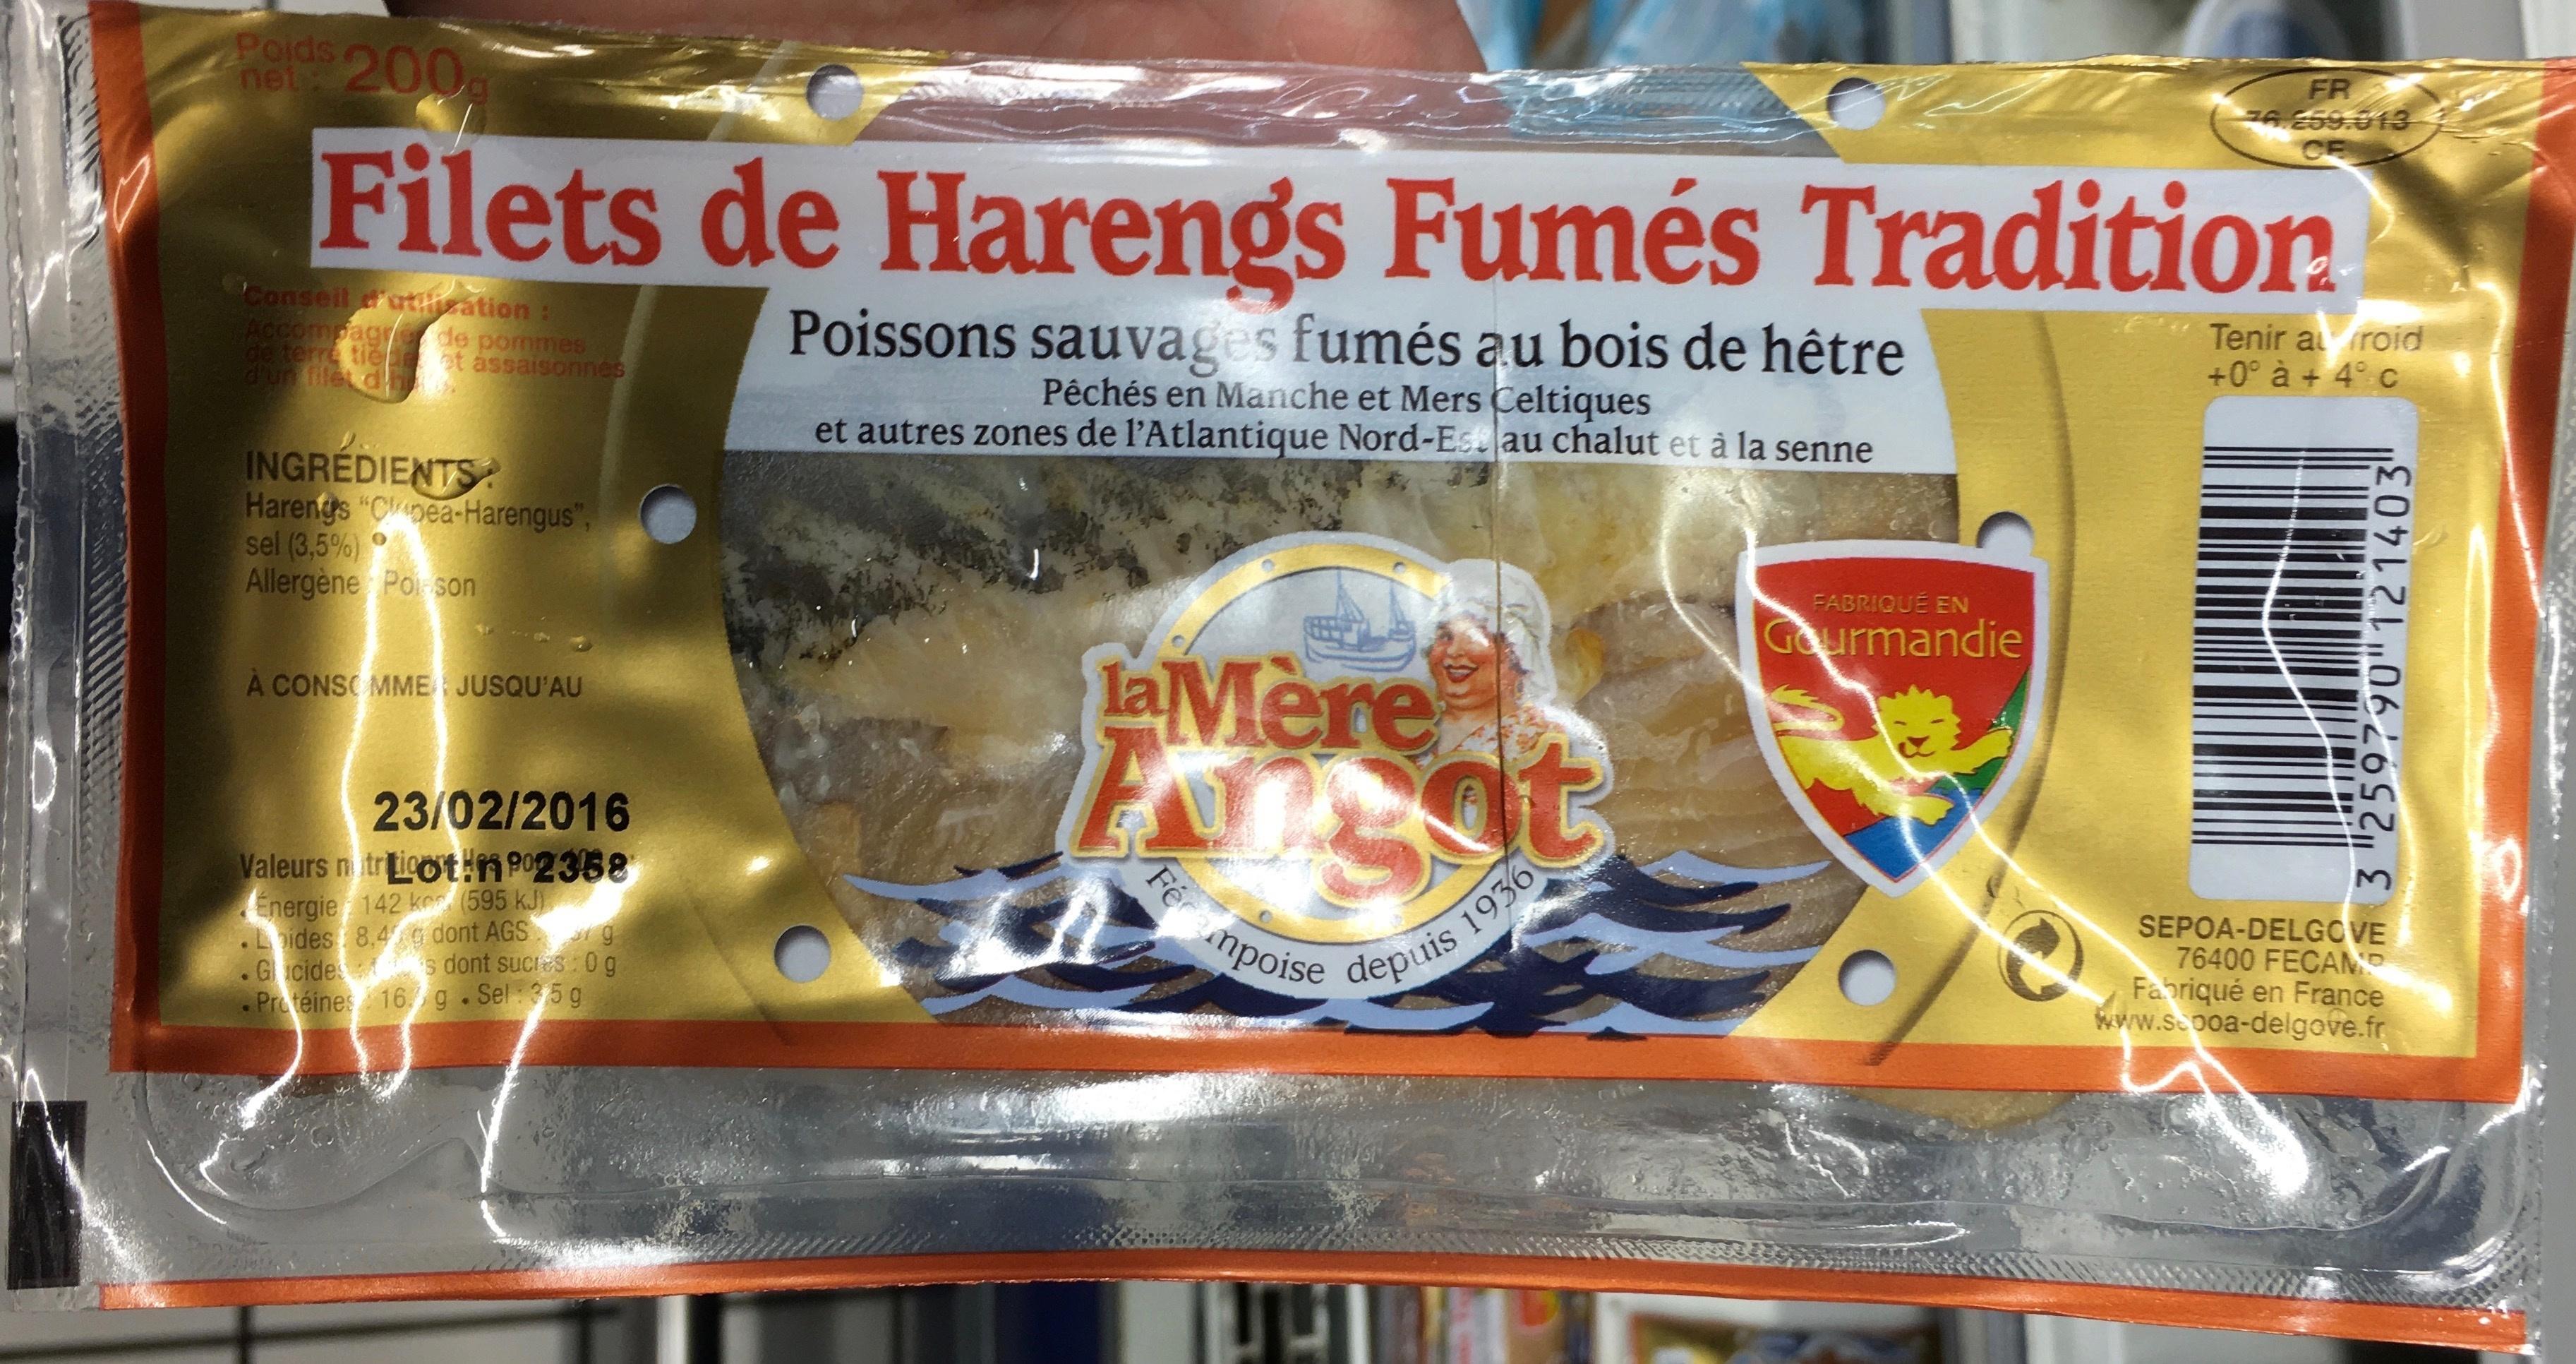 Filets de Harengs Fumés Tradition - Produit